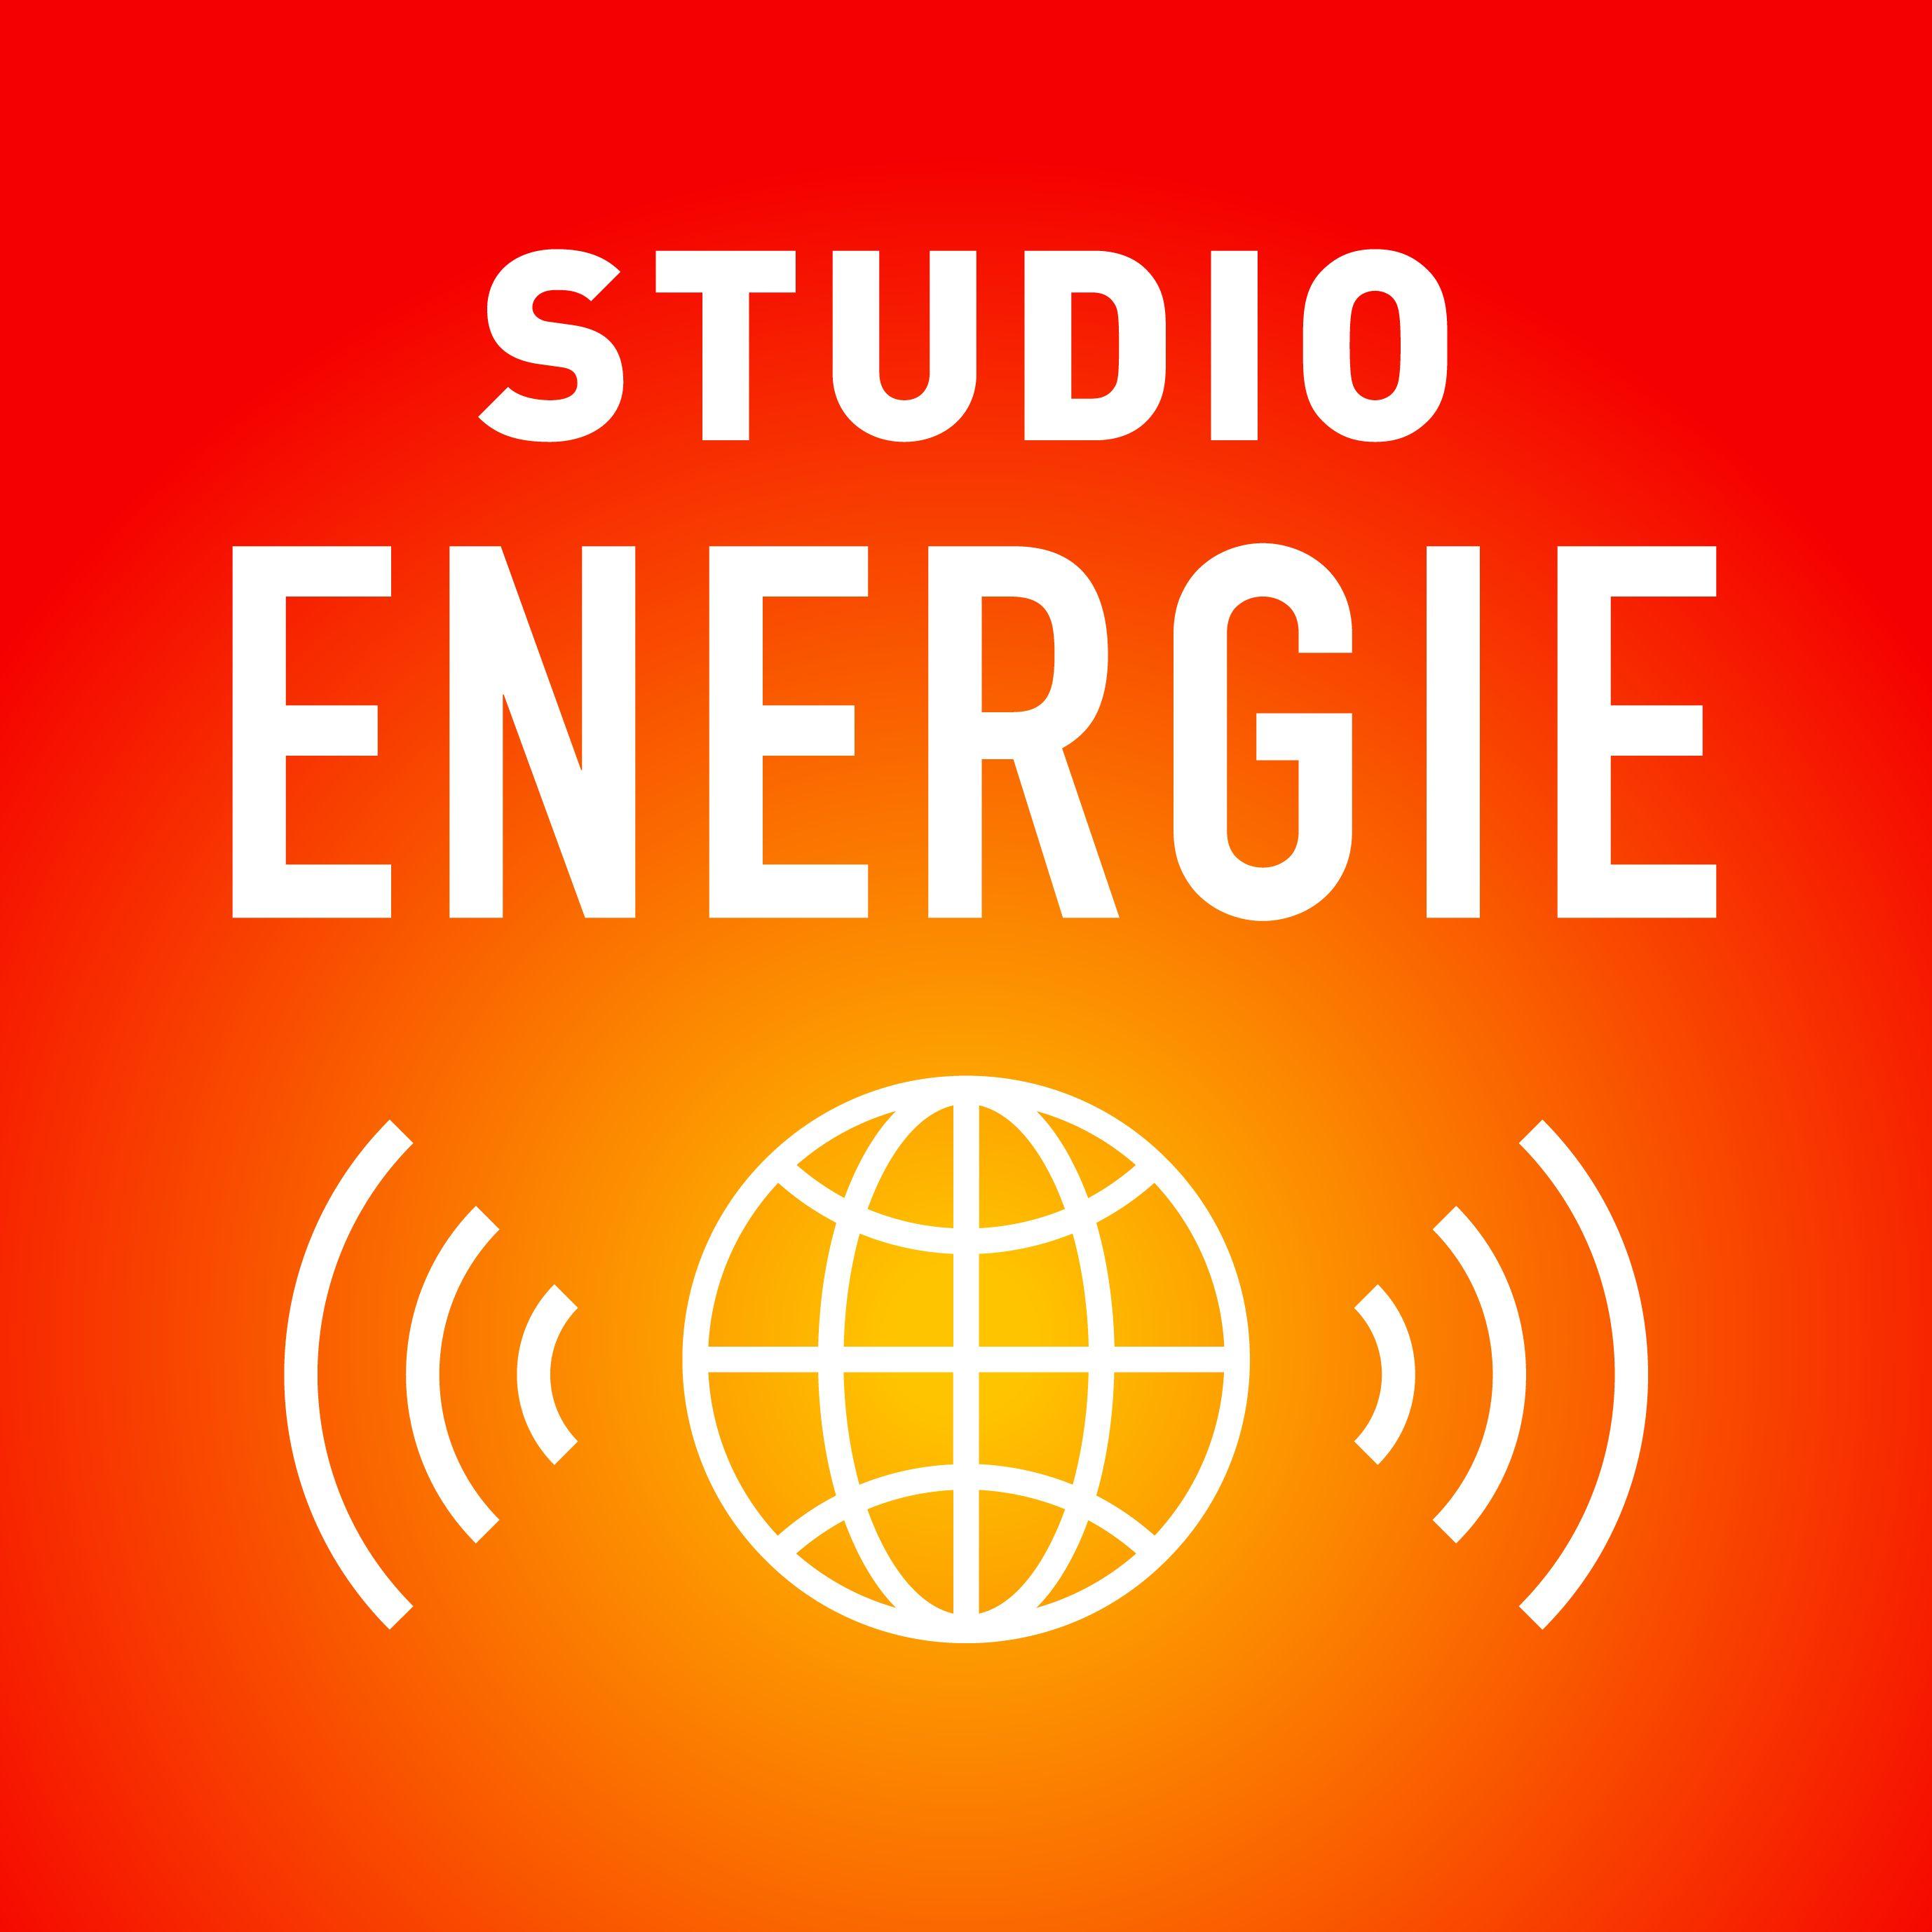 Studio Energie logo